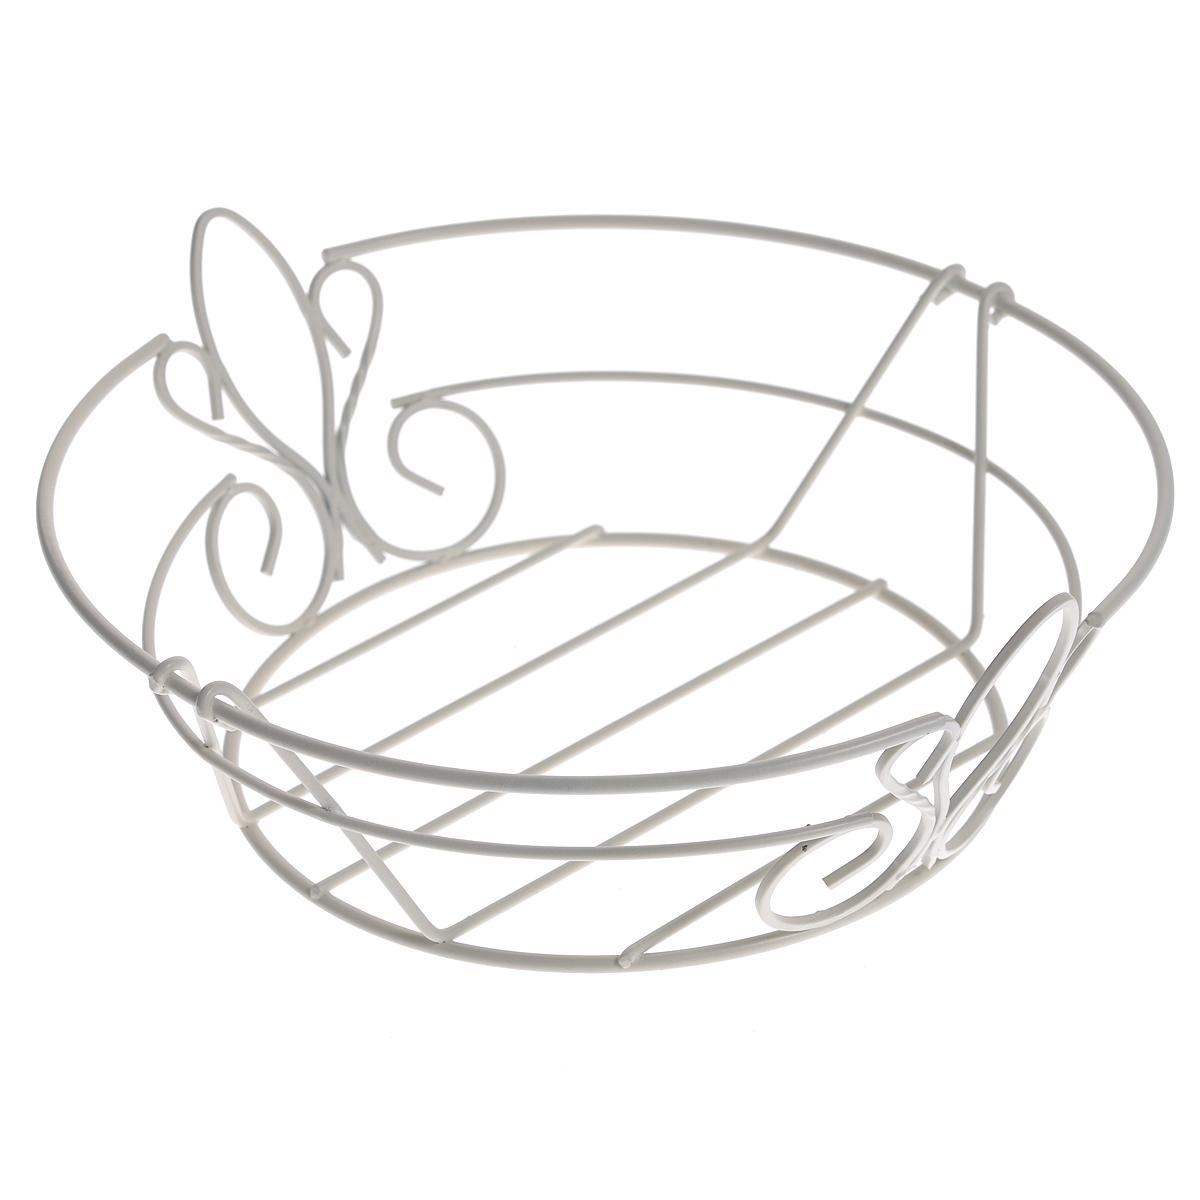 Фруктовница De Lis, цвет: белый0508284Современный дизайн фруктовницы De Lis, изготовленной из стали цвета, идеально впишется в интерьер современной кухни. Фруктовница выполнена в виде чаши, стенки которой состоят из металлических прутьев составляющих красивый узор. Оригинальный дизайн фруктовницы обеспечит эффектную подачу к столу фруктов, выпечки и десерта, подчеркнет торжественность праздника. Рекомендуется мыть вручную. Характеристики: Материал: сталь. Размер: 26 см х 24 см х 9 см. Размер упаковки: 27 см х 26,5 см х 9 см. Производитель: Великобритания. Артикул: 0508284.